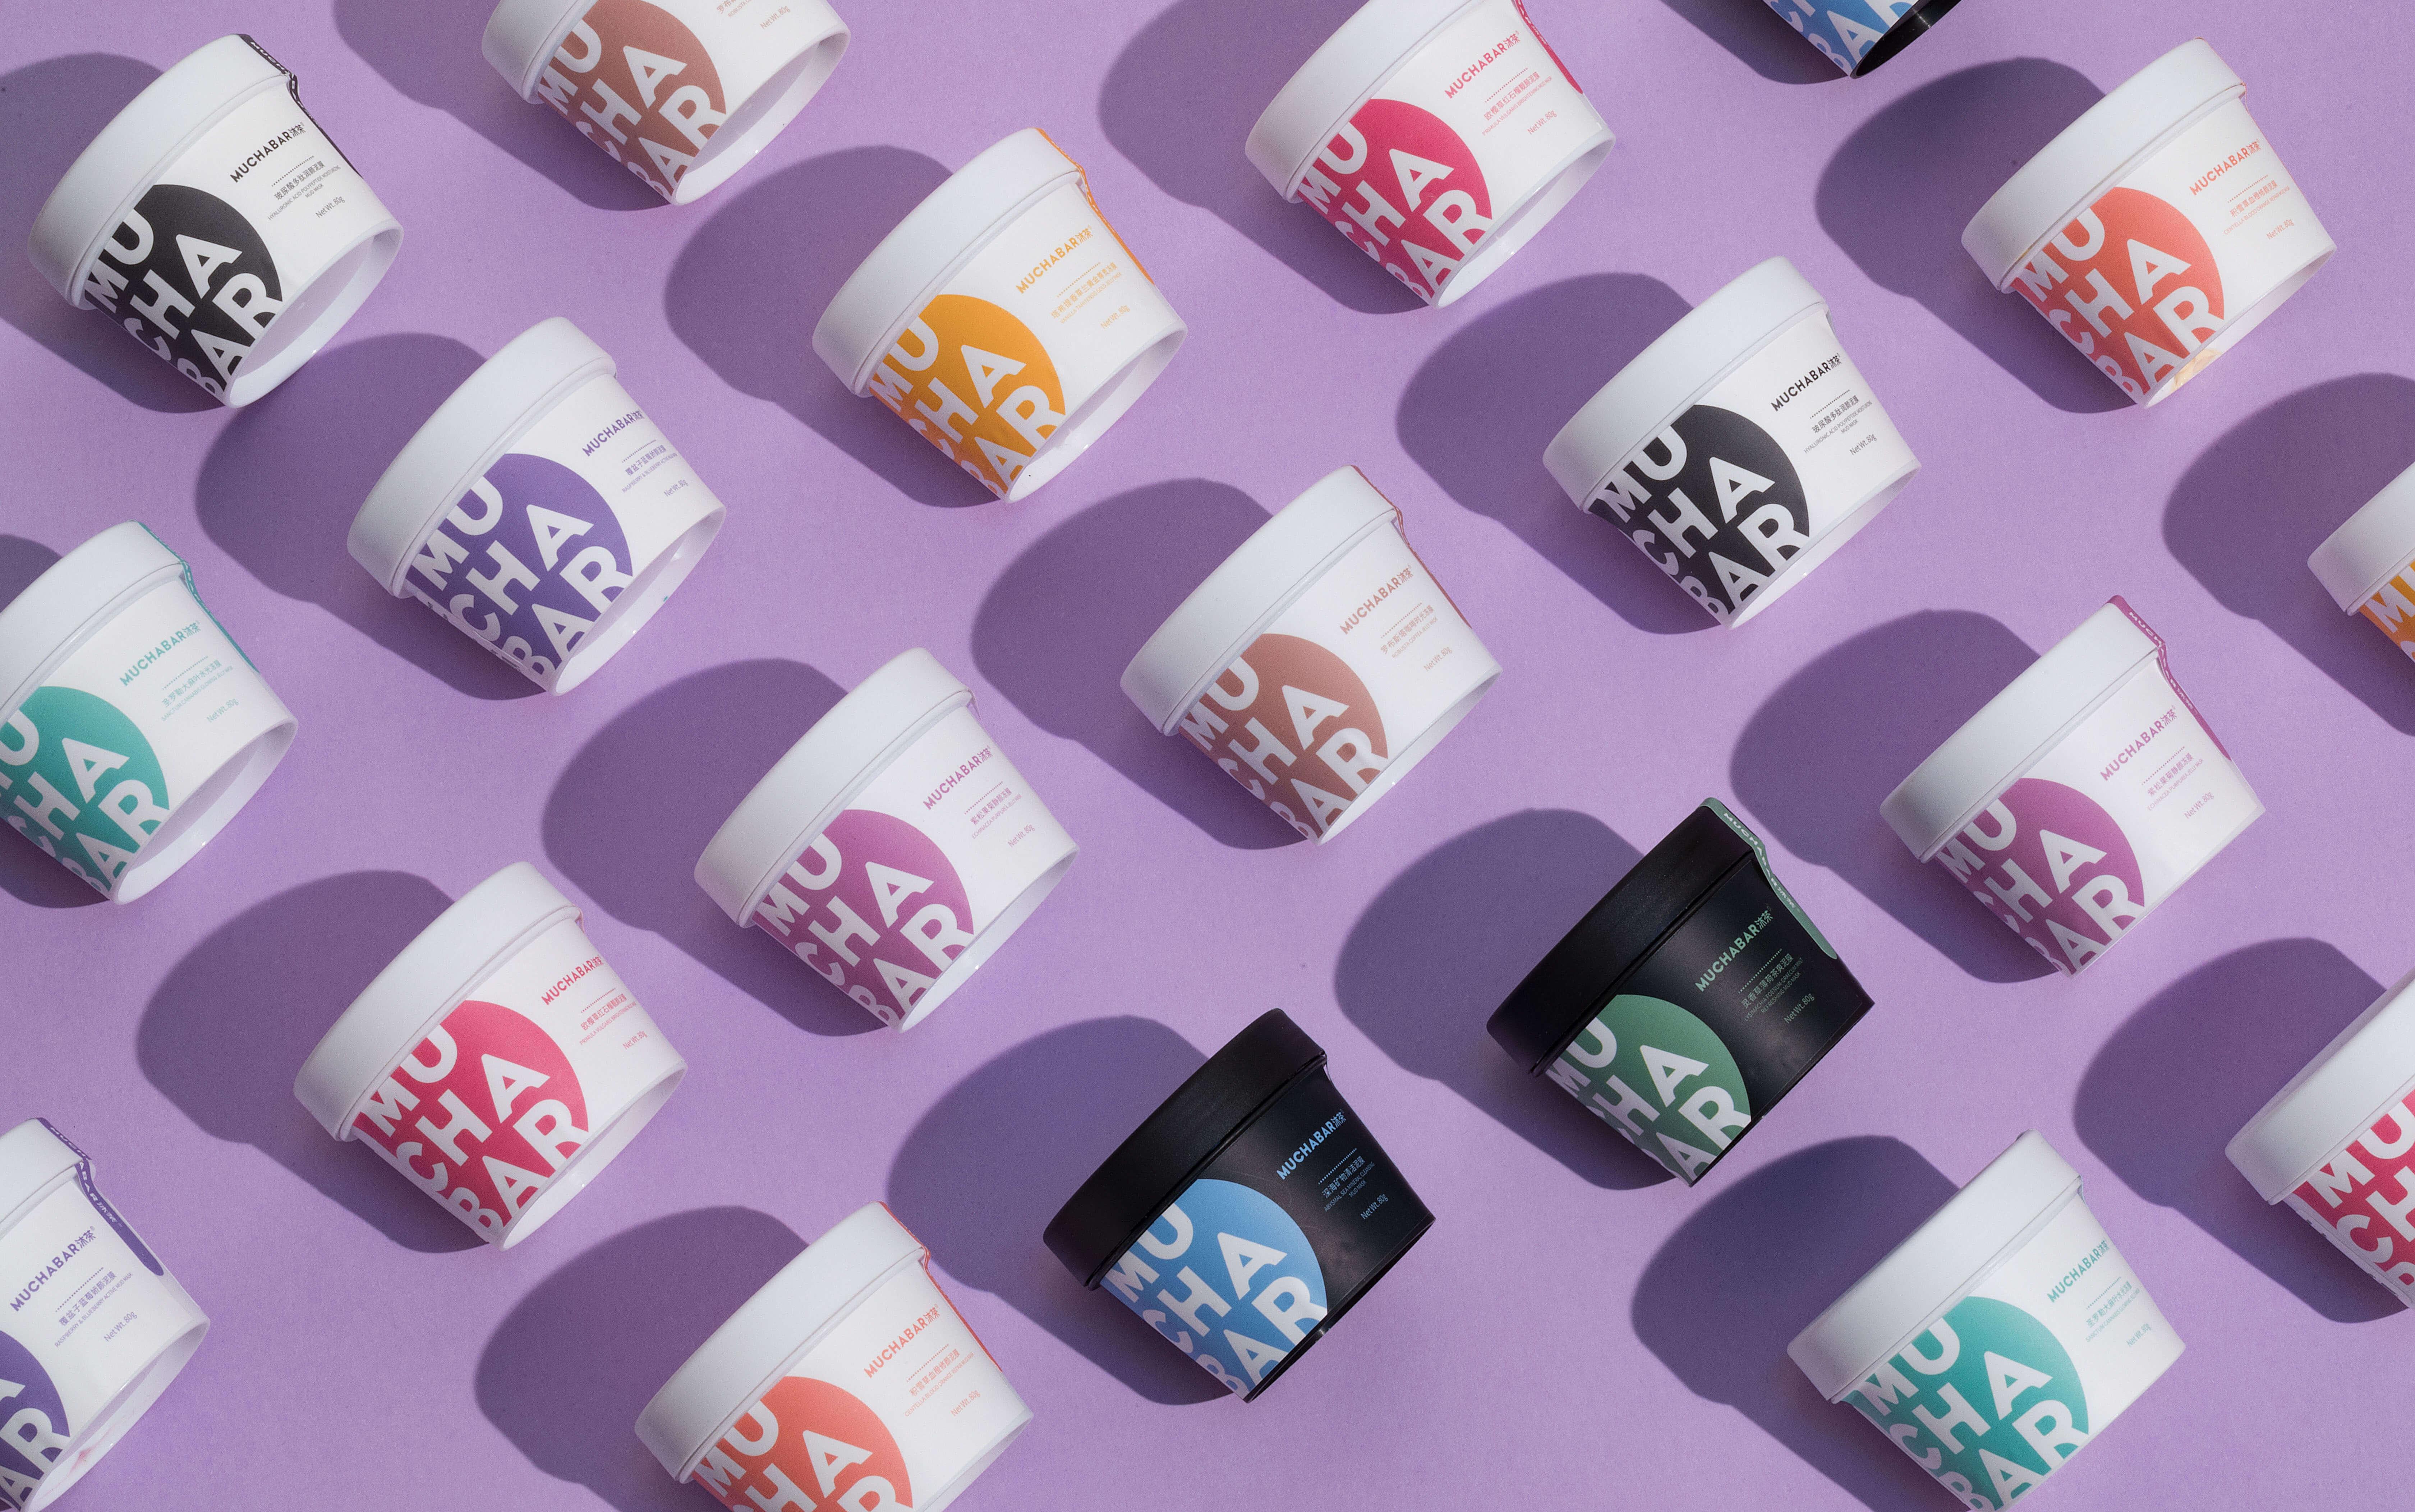 对于未来的护肤品,「沐茶」说不仅要有效,还要新鲜 | 新锐品牌报道